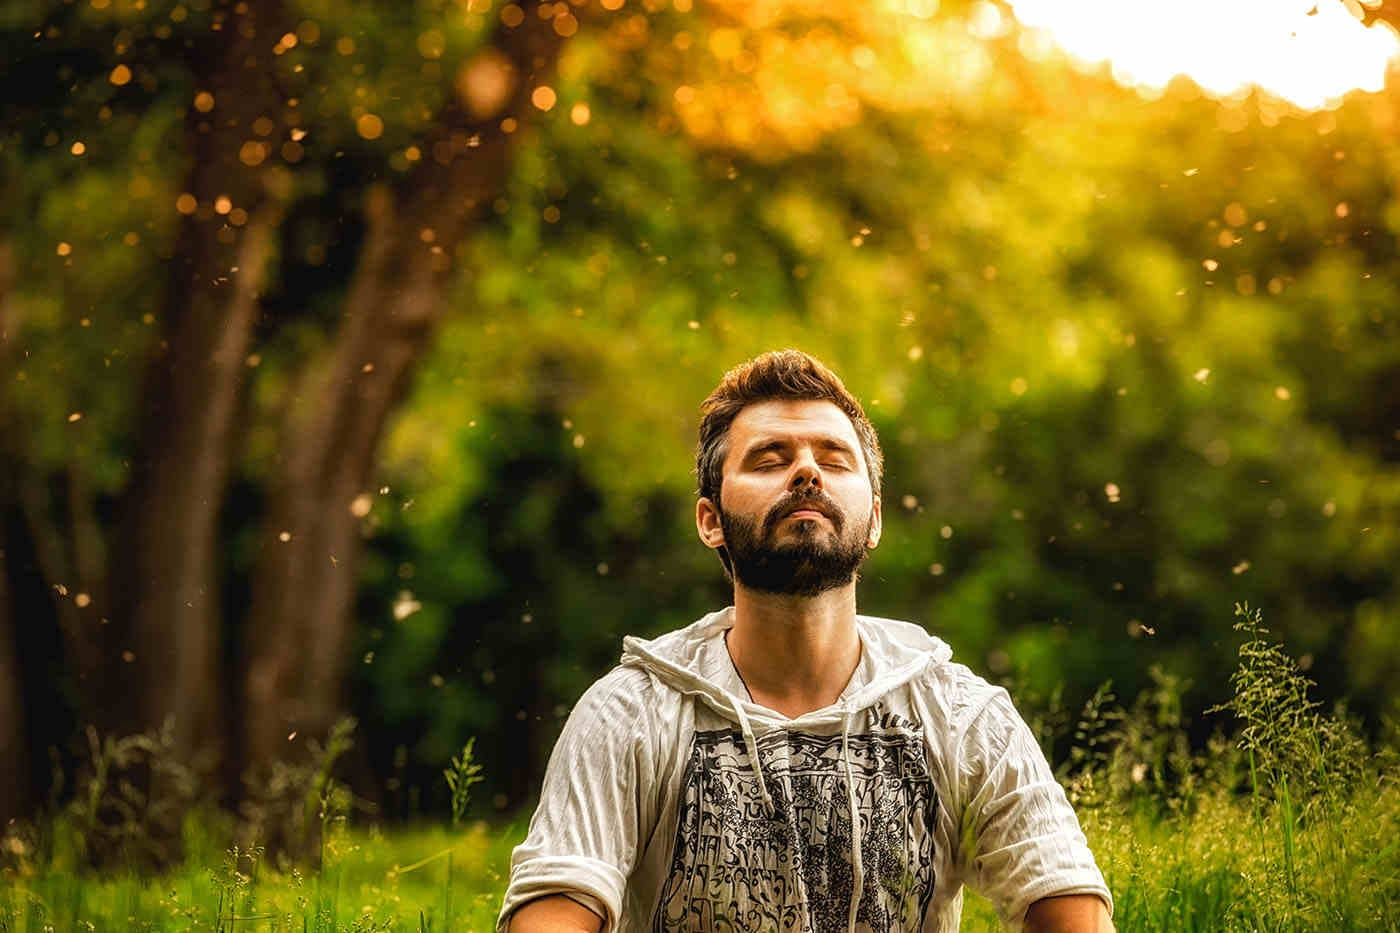 Mindfulness-ul, antidot împotriva durerilor fizice și a negativismului? [studiu]